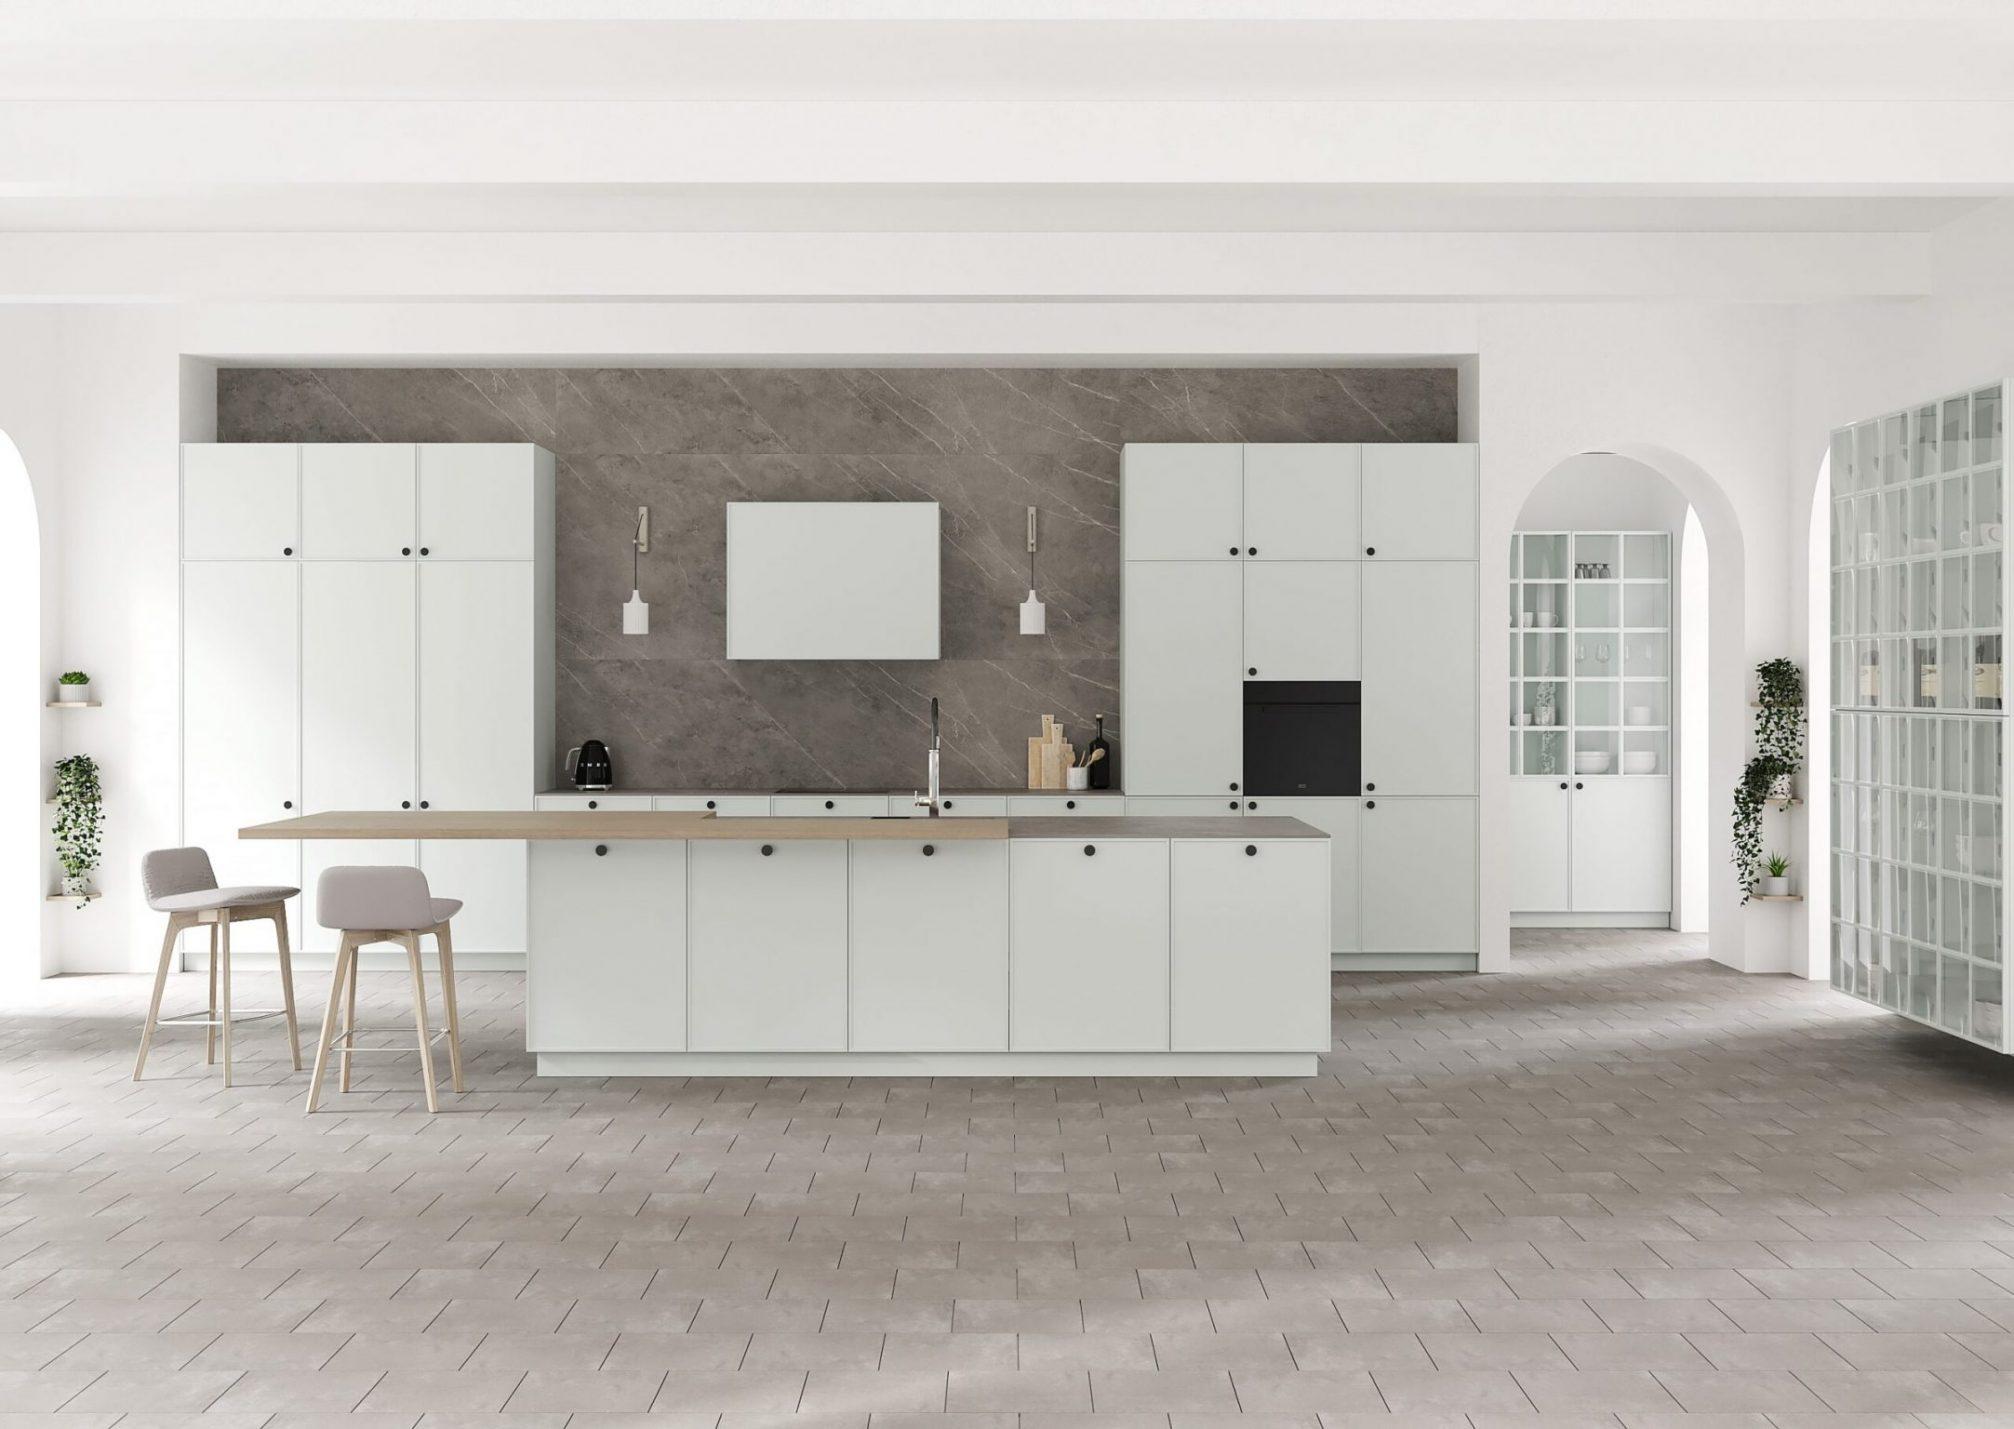 kitchen_studio_twelve_10-scaled